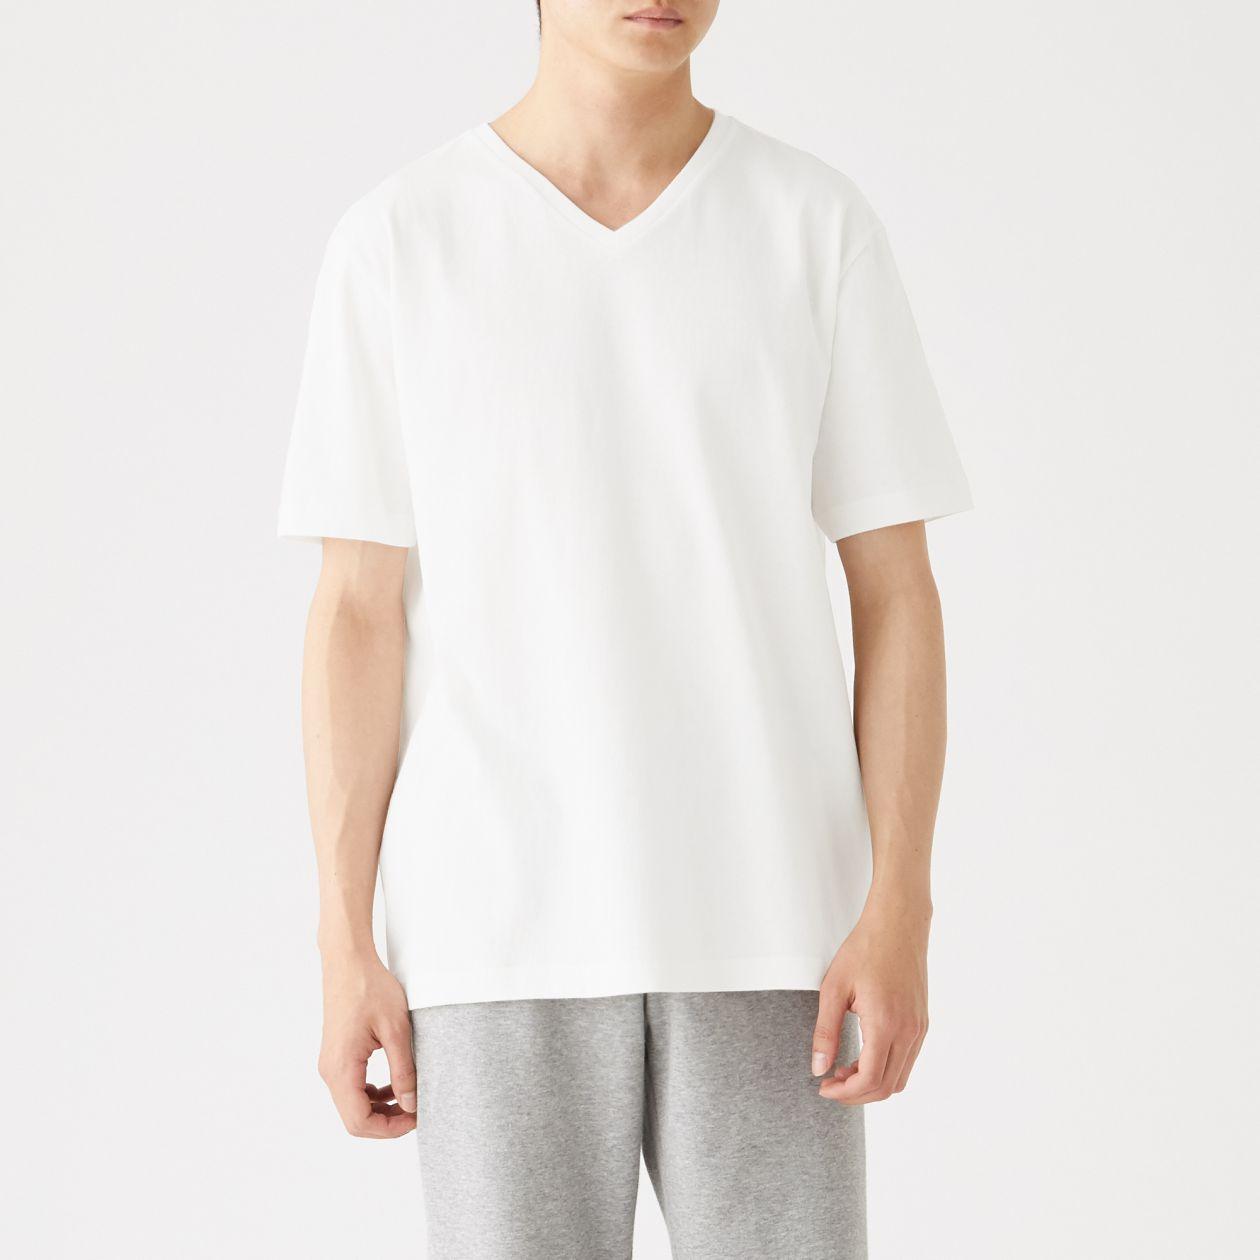 脇に縫い目がない 厚手天竺編みVネック半袖Tシャツ・2枚組